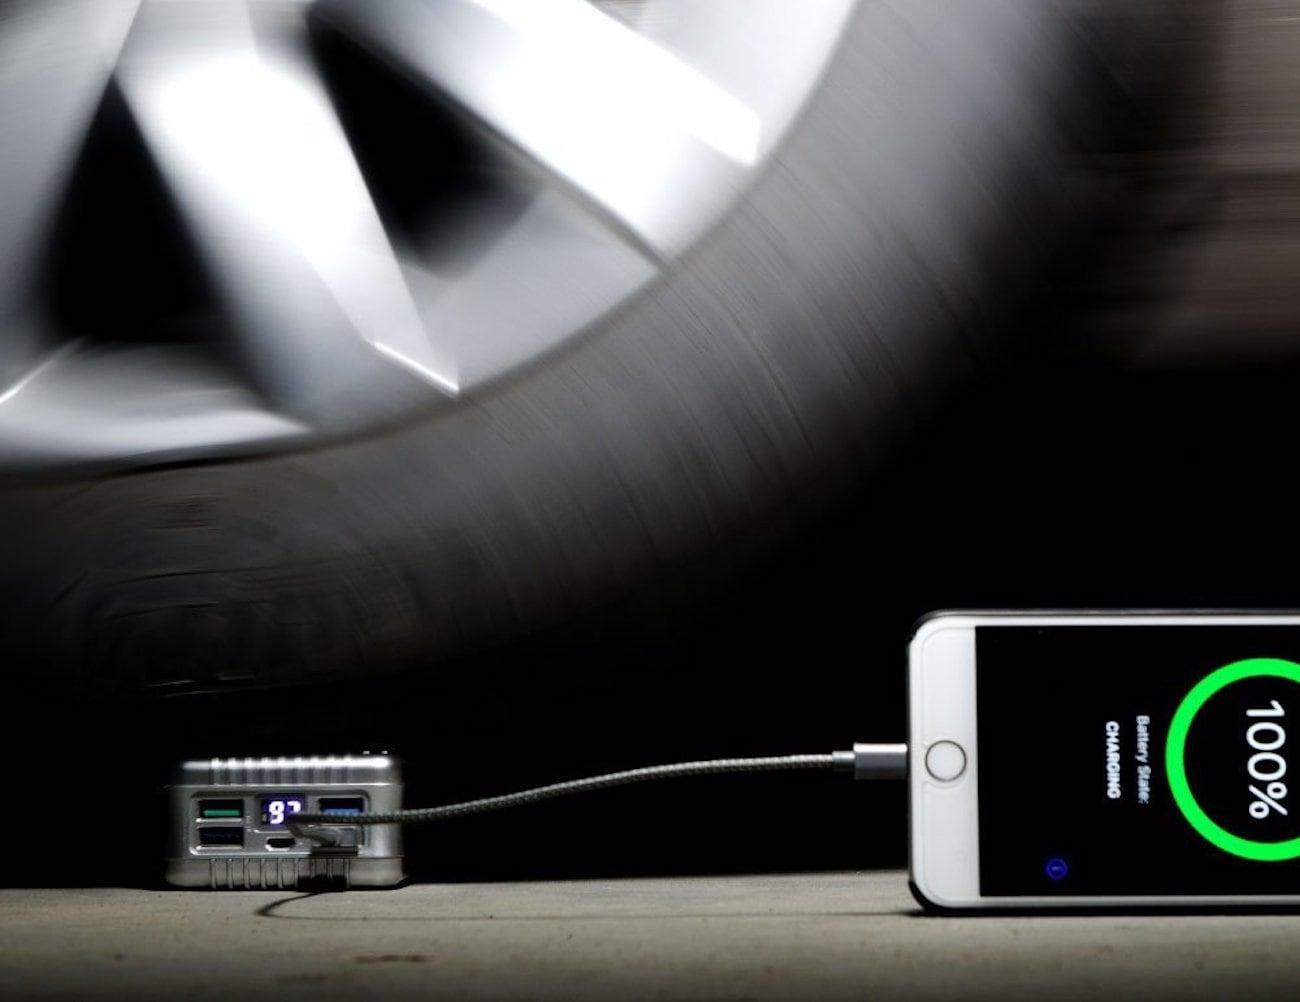 Zendure A8 Portable External Battery